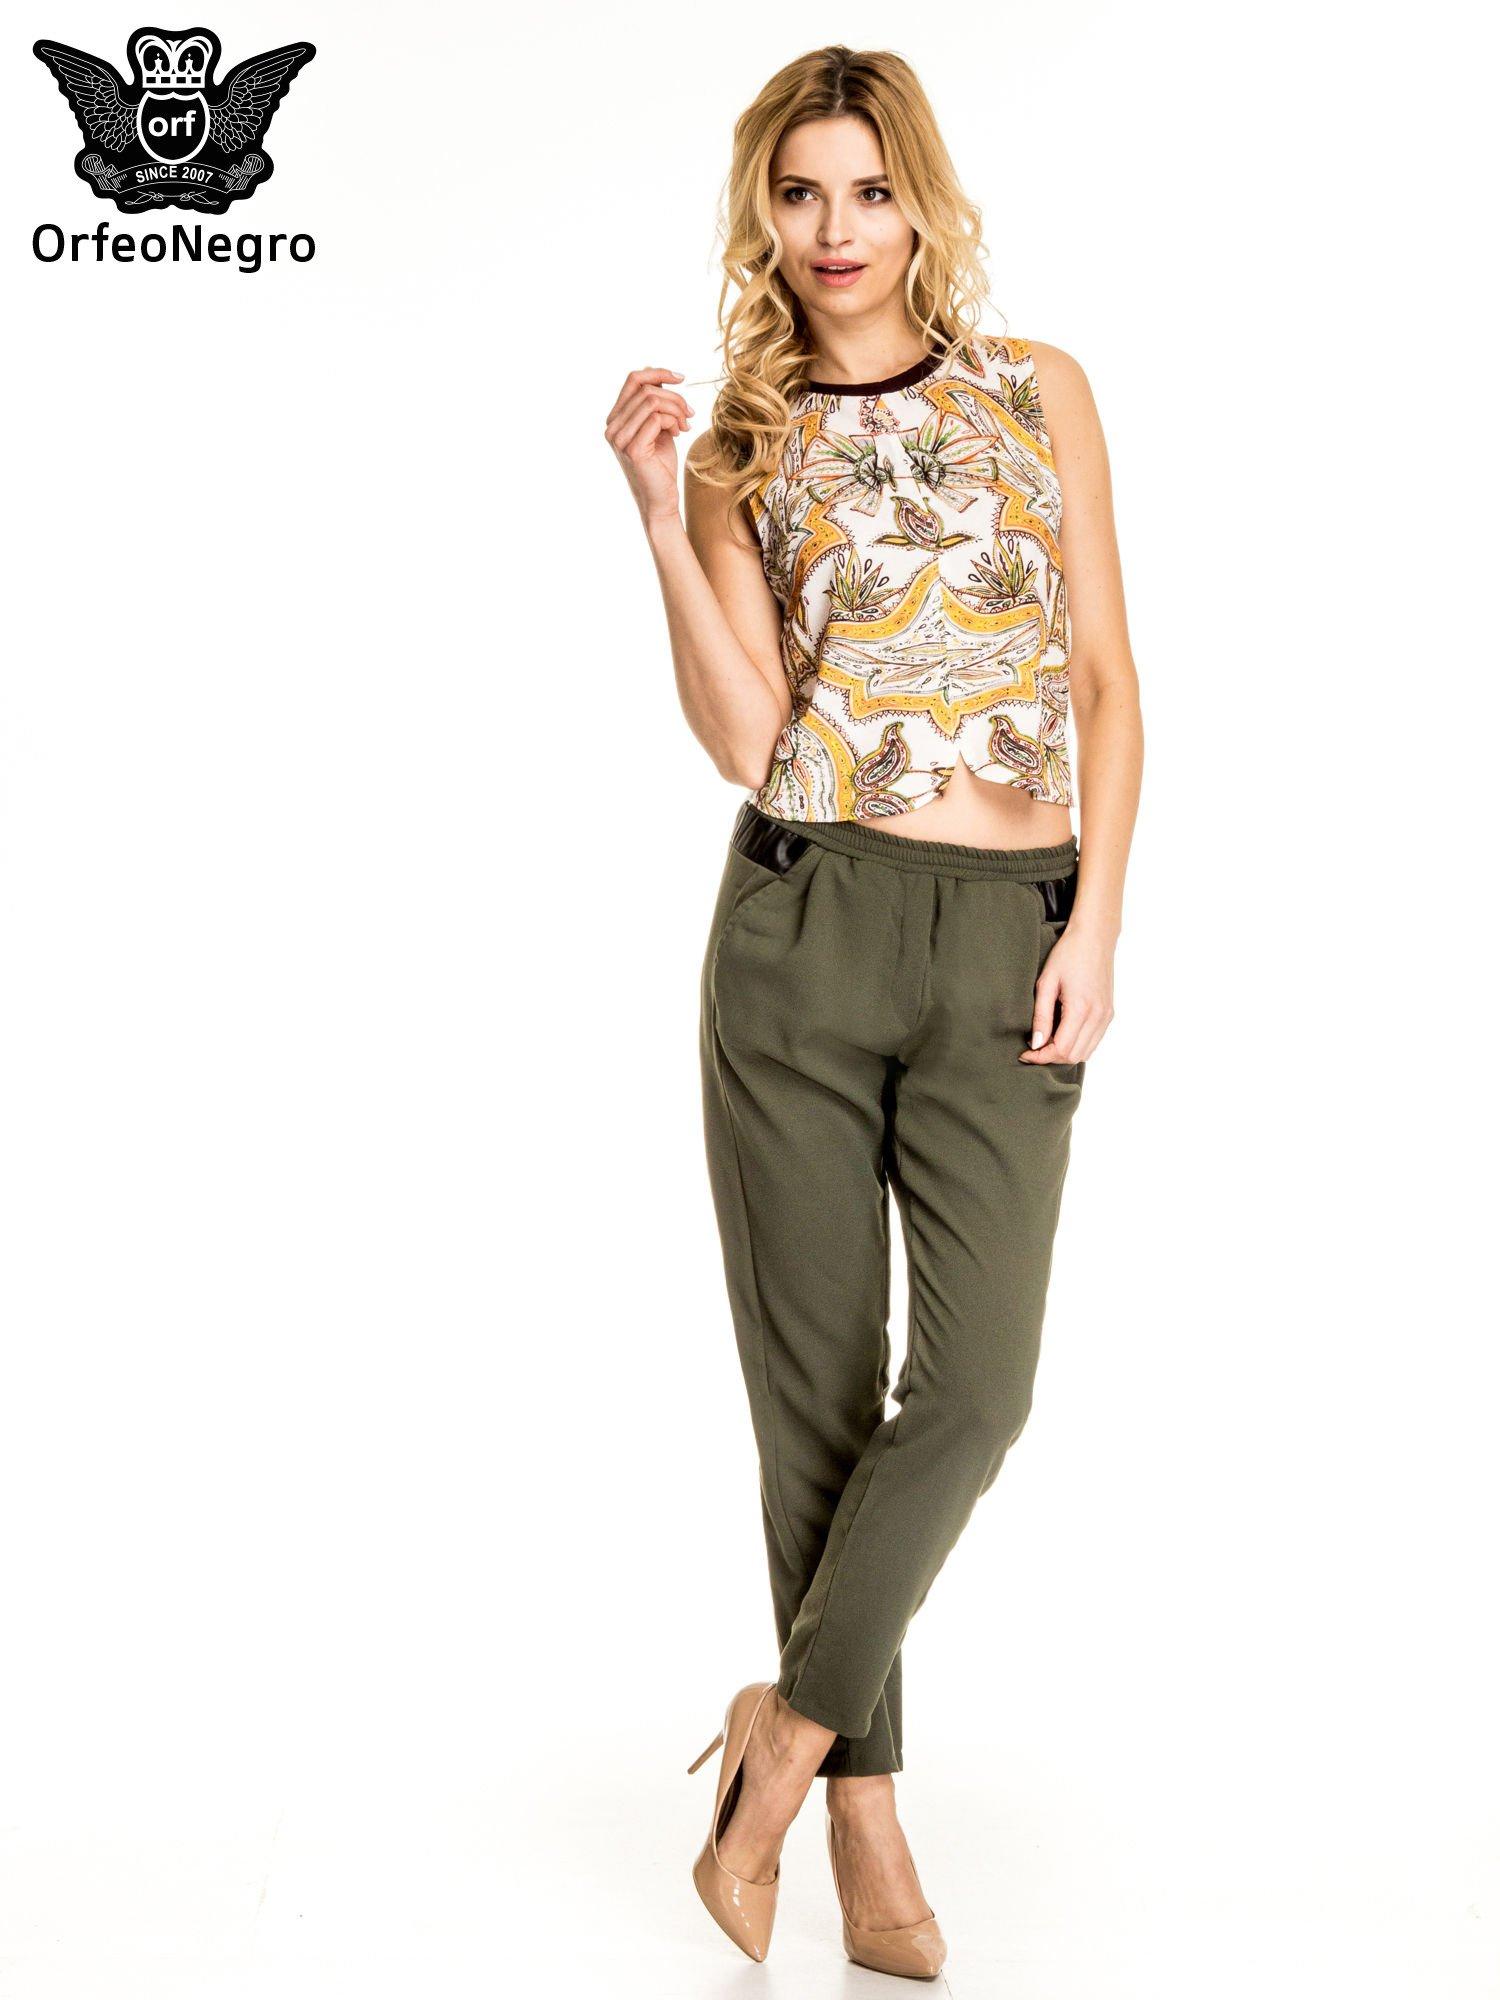 Khaki spodnie materiałowe ze skórzaną wstawką                                   zdj.                                  2